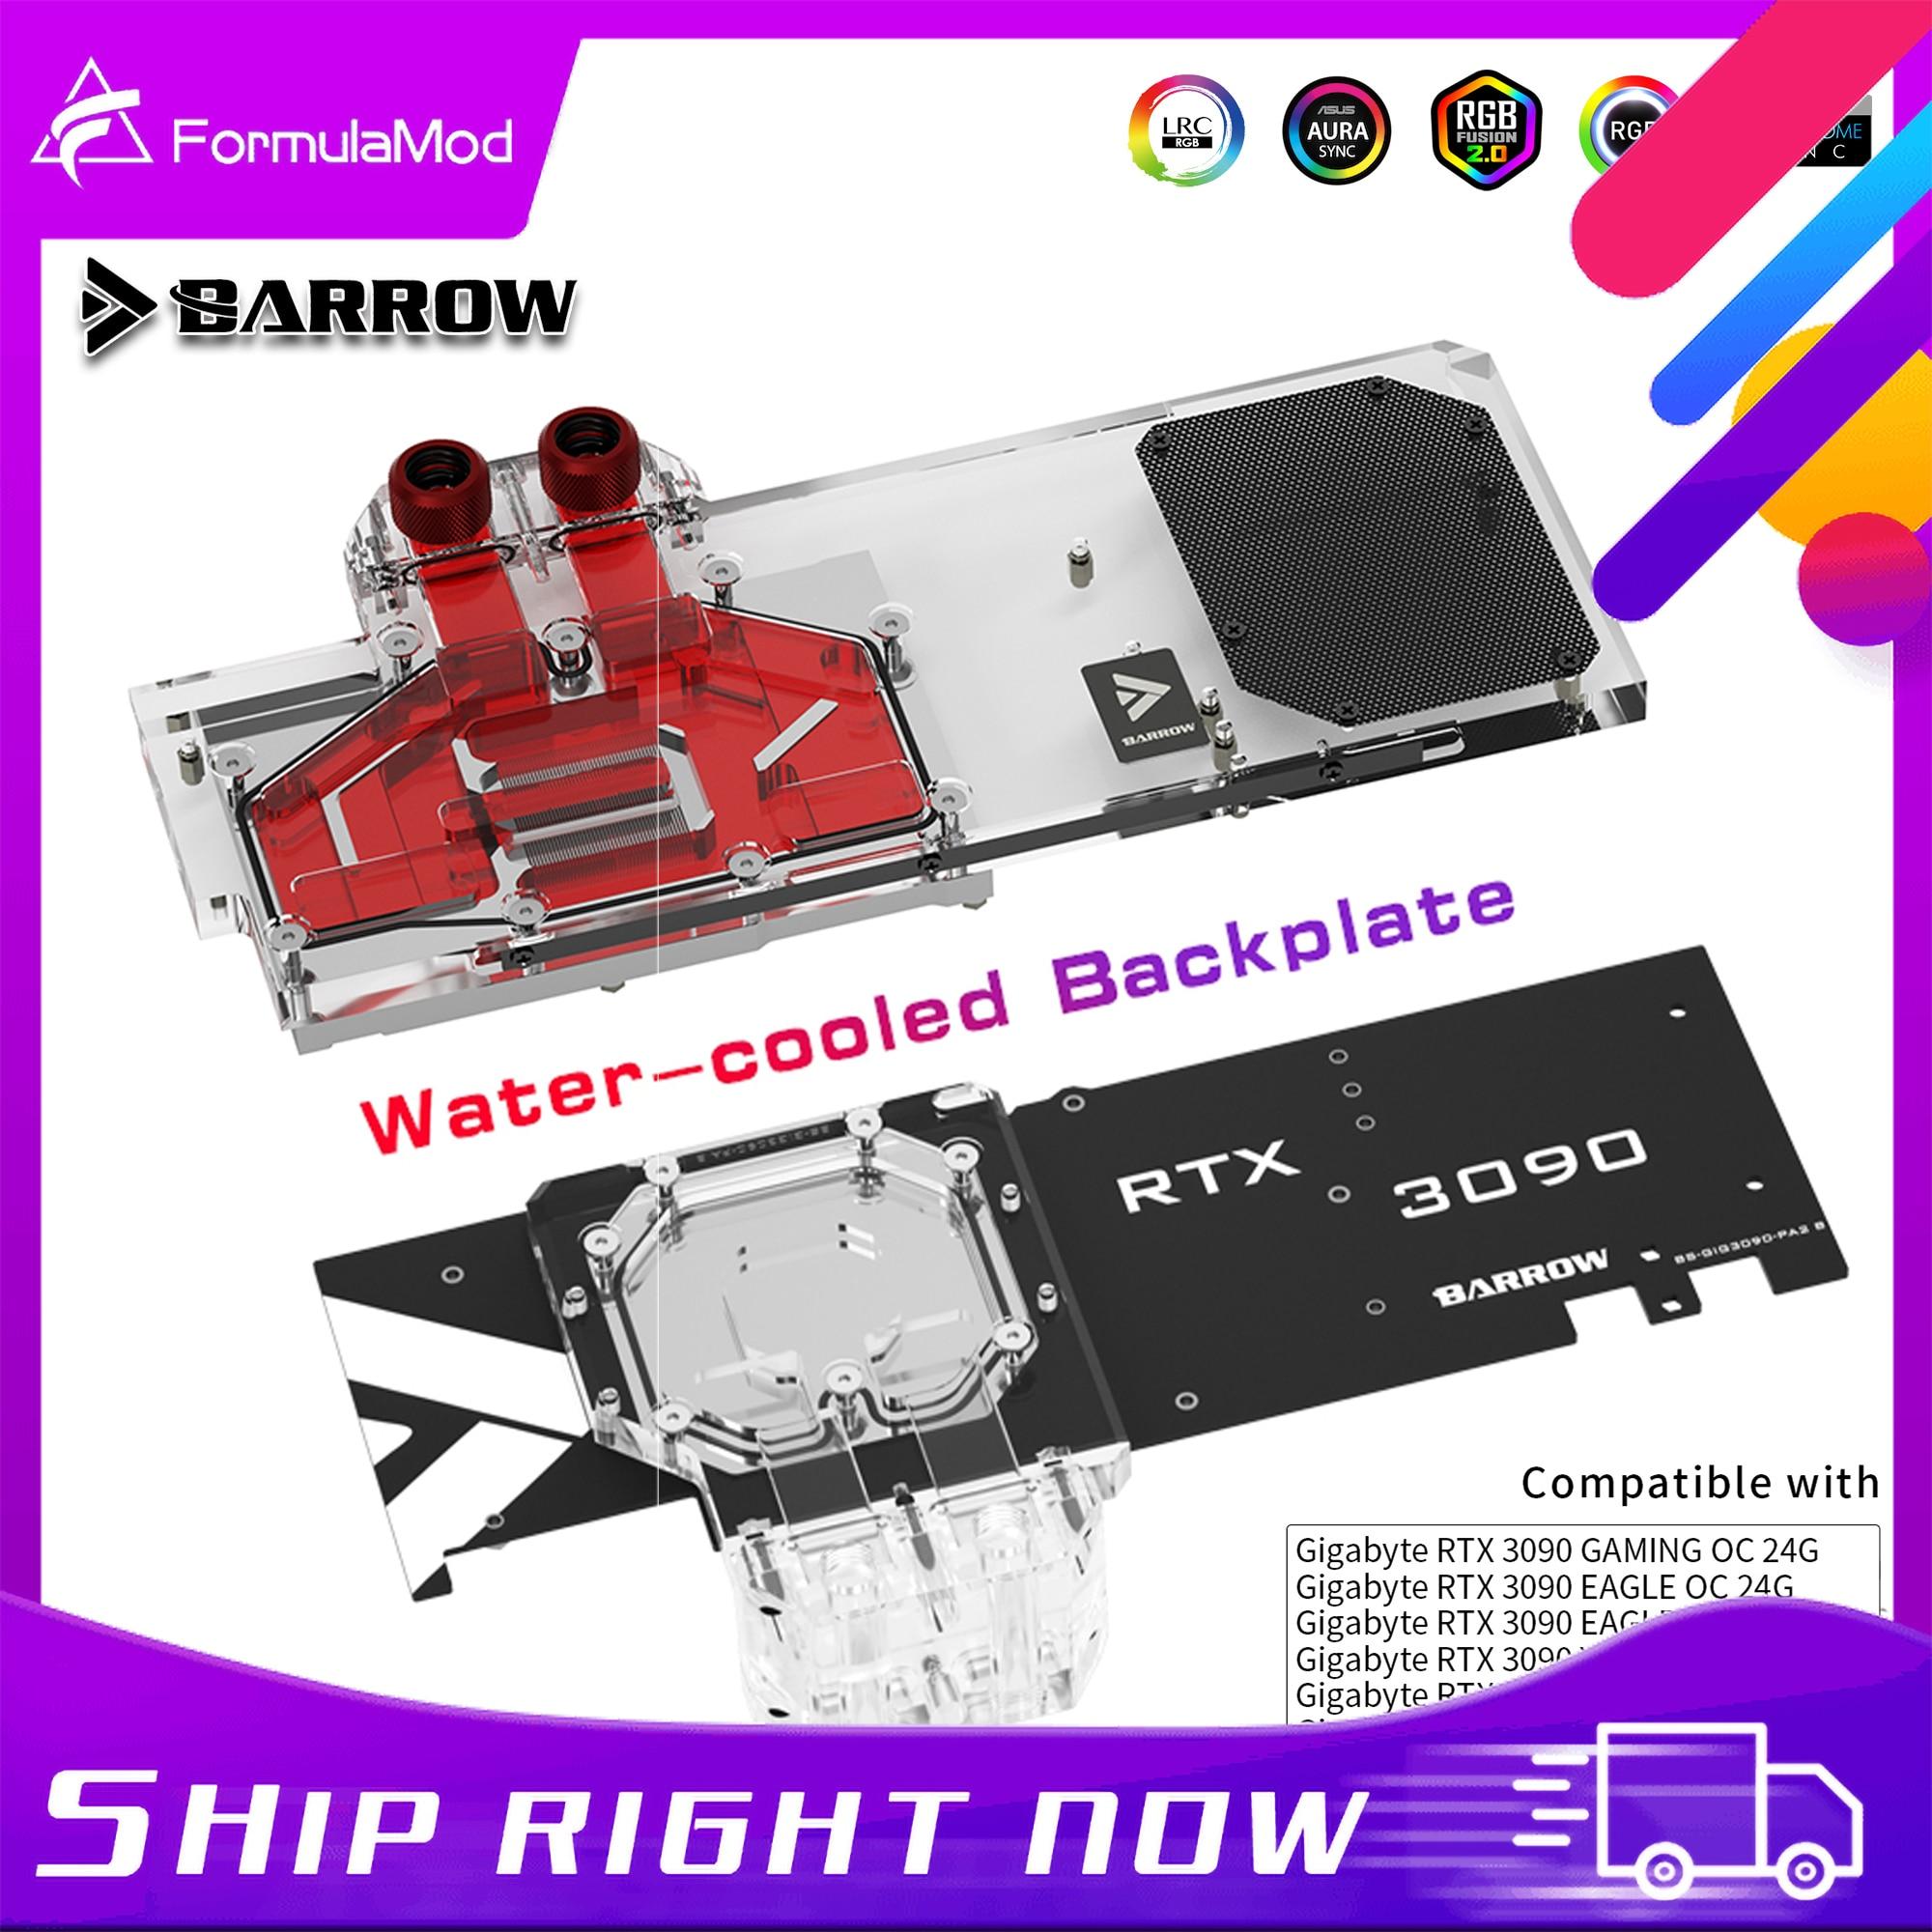 بارو GPU المياه كتلة التبريد لوحة الكترونية معززة لجيجابايت 3090 3080Ti 3080 الألعاب النسر الرؤية ، الممر الخلفي BS-GIG3090-PA2 B